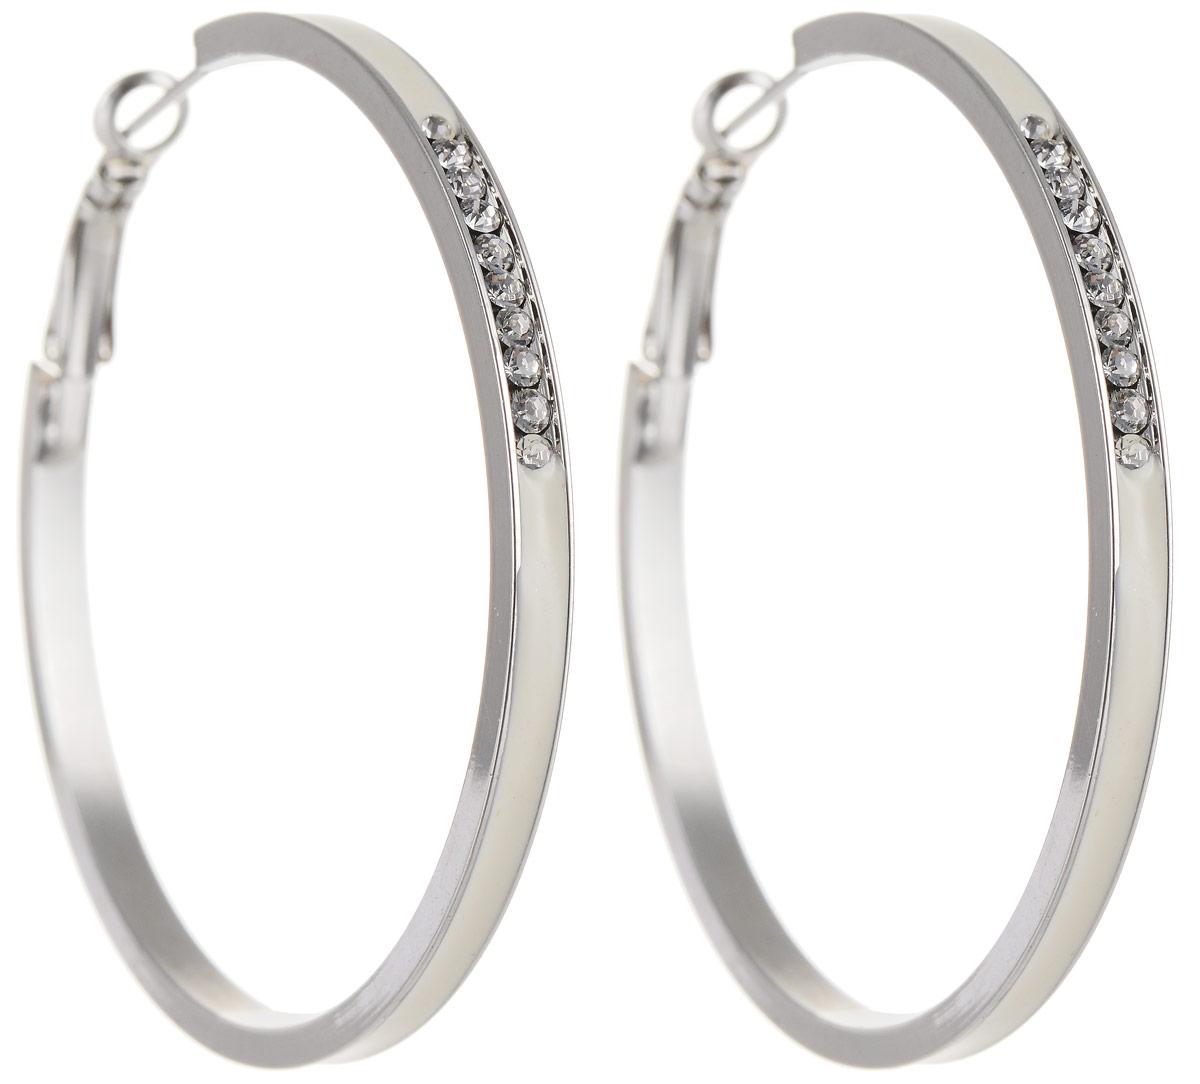 Серьги Art-Silver, цвет: серебристый. 142М-641Серьги-кольцаСтильные серьги Art-Silver выполнены из бижутерного сплава. Серьги оформлены оригинальными декоративными вставками. Серьги выполнены с замками-булавками. Такие серьги будут ярким дополнением вашего образа.